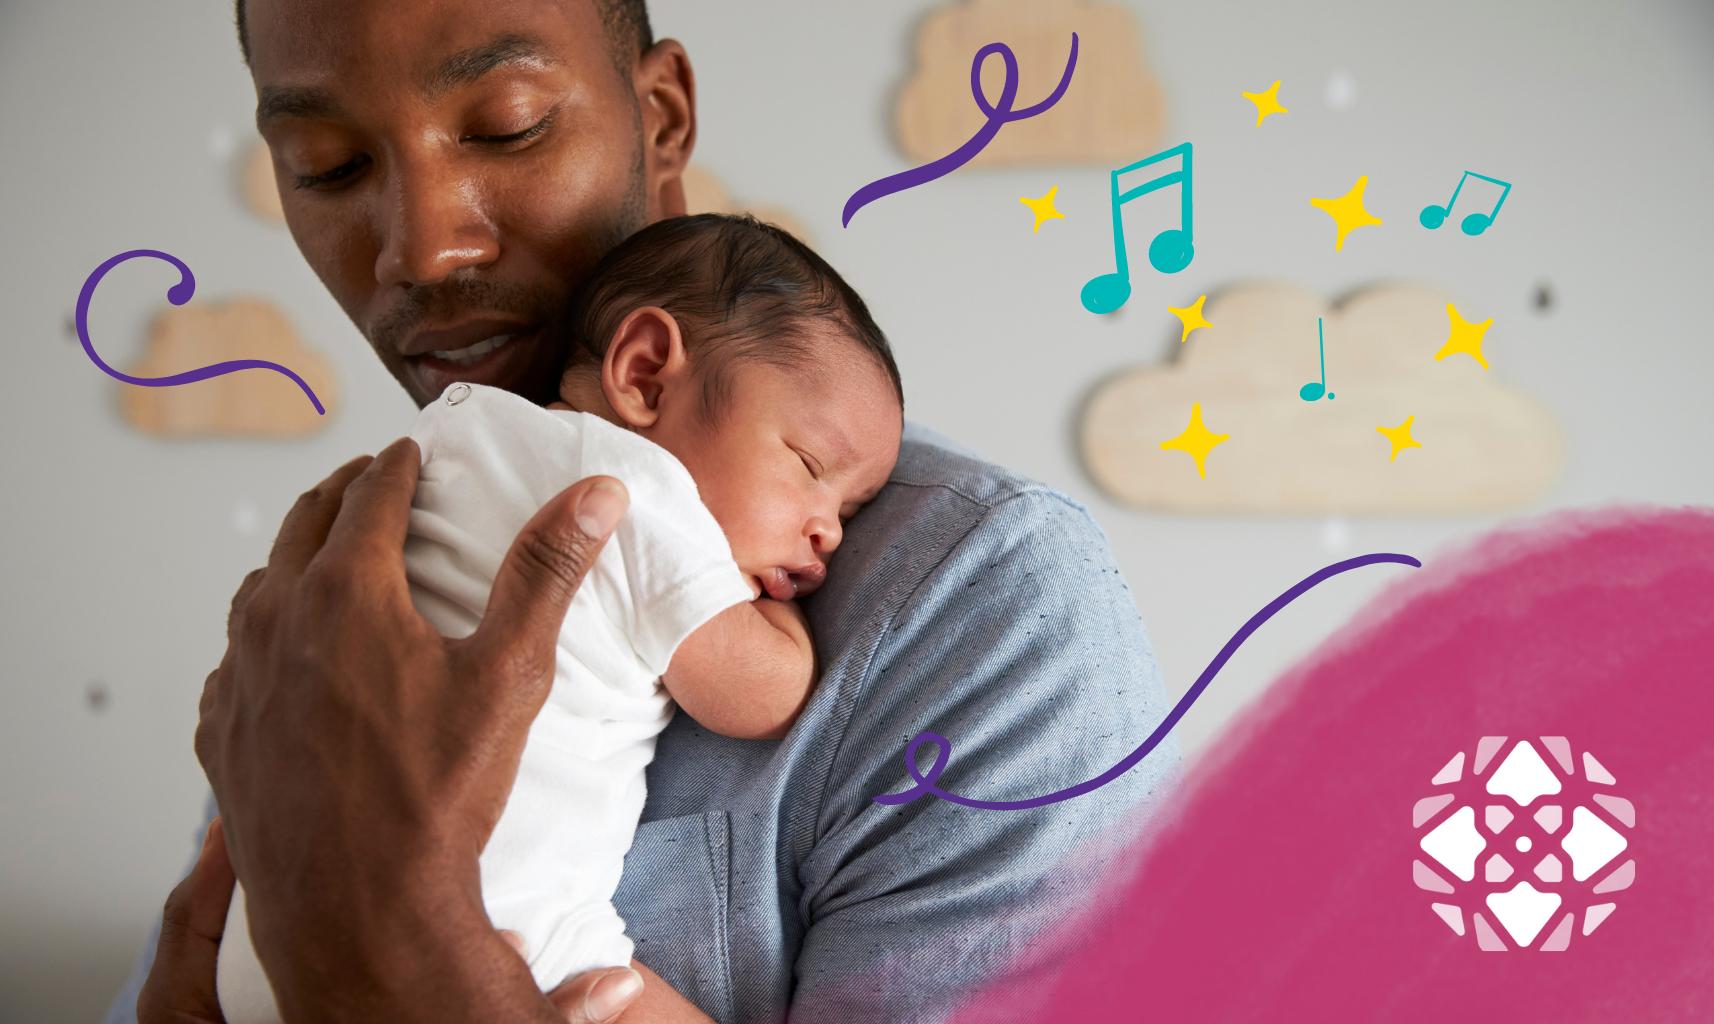 bebê prematuro música desenvolvimento